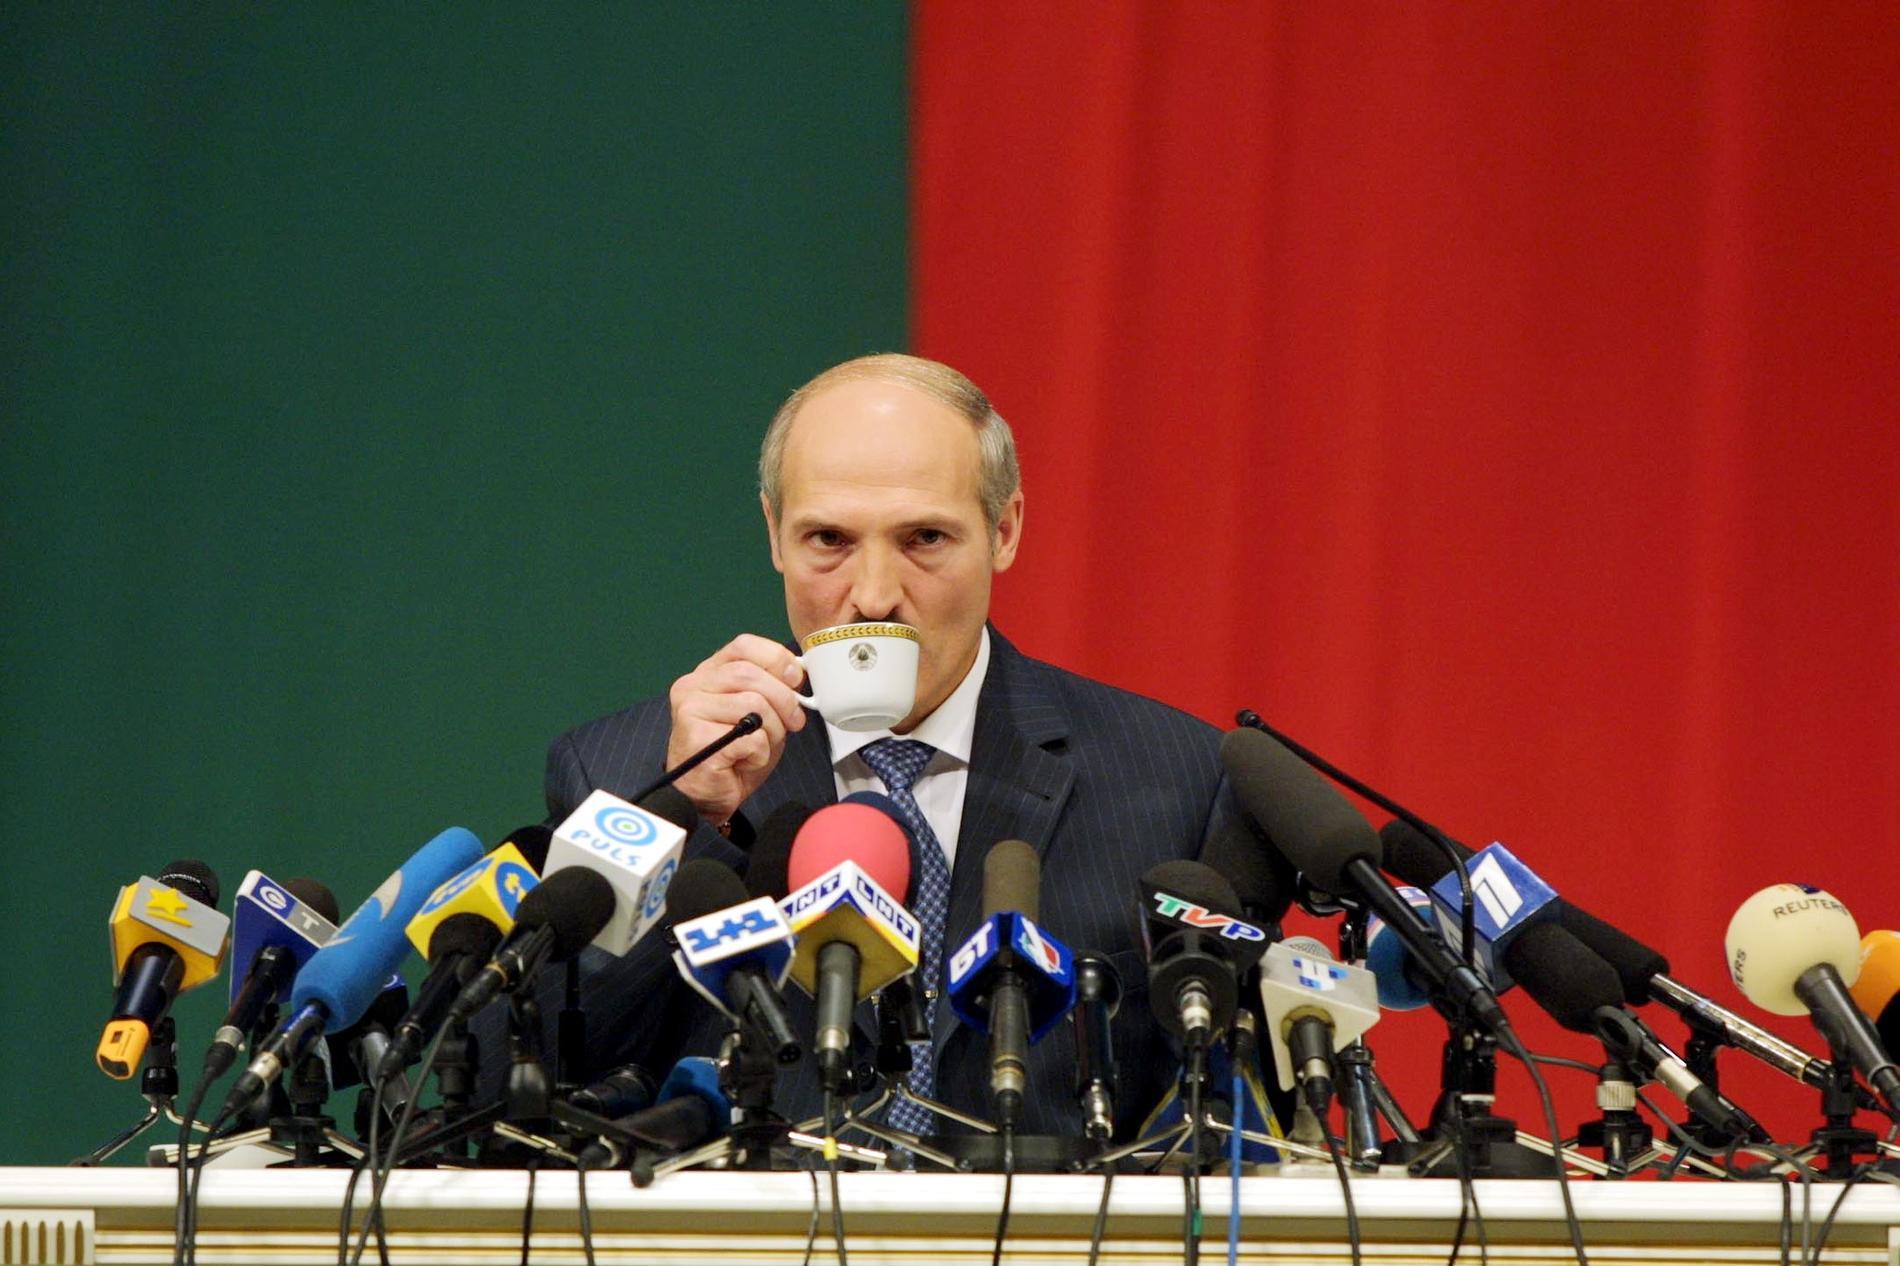 Stora demonstrationer kräver demokrati i Belarus, där Lukasjenko sitter kvar på presidentposten efter ännu ett riggat val.